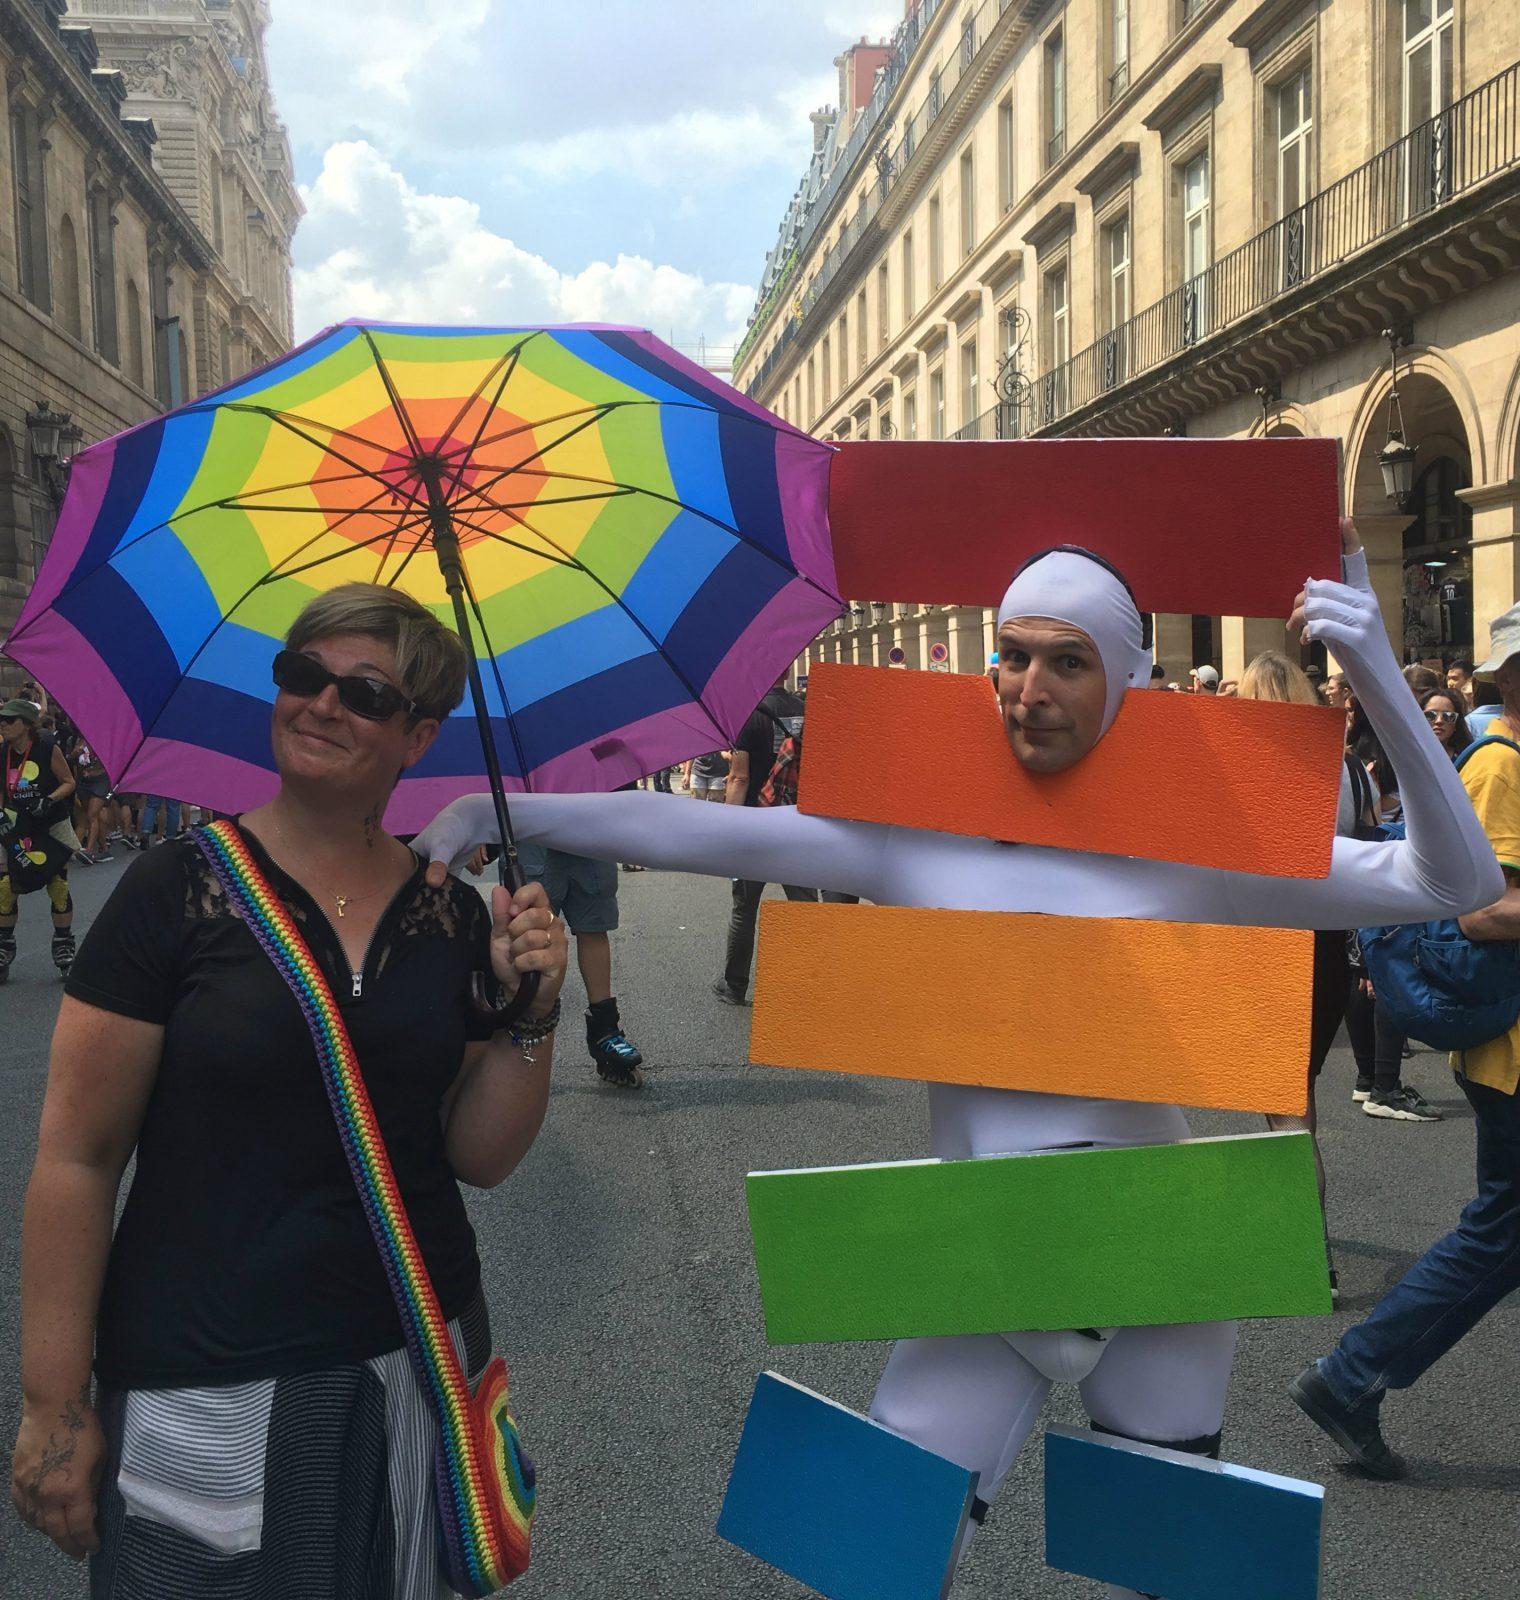 Marche des fiertés Paris 2018 - Philippe Peyre DR